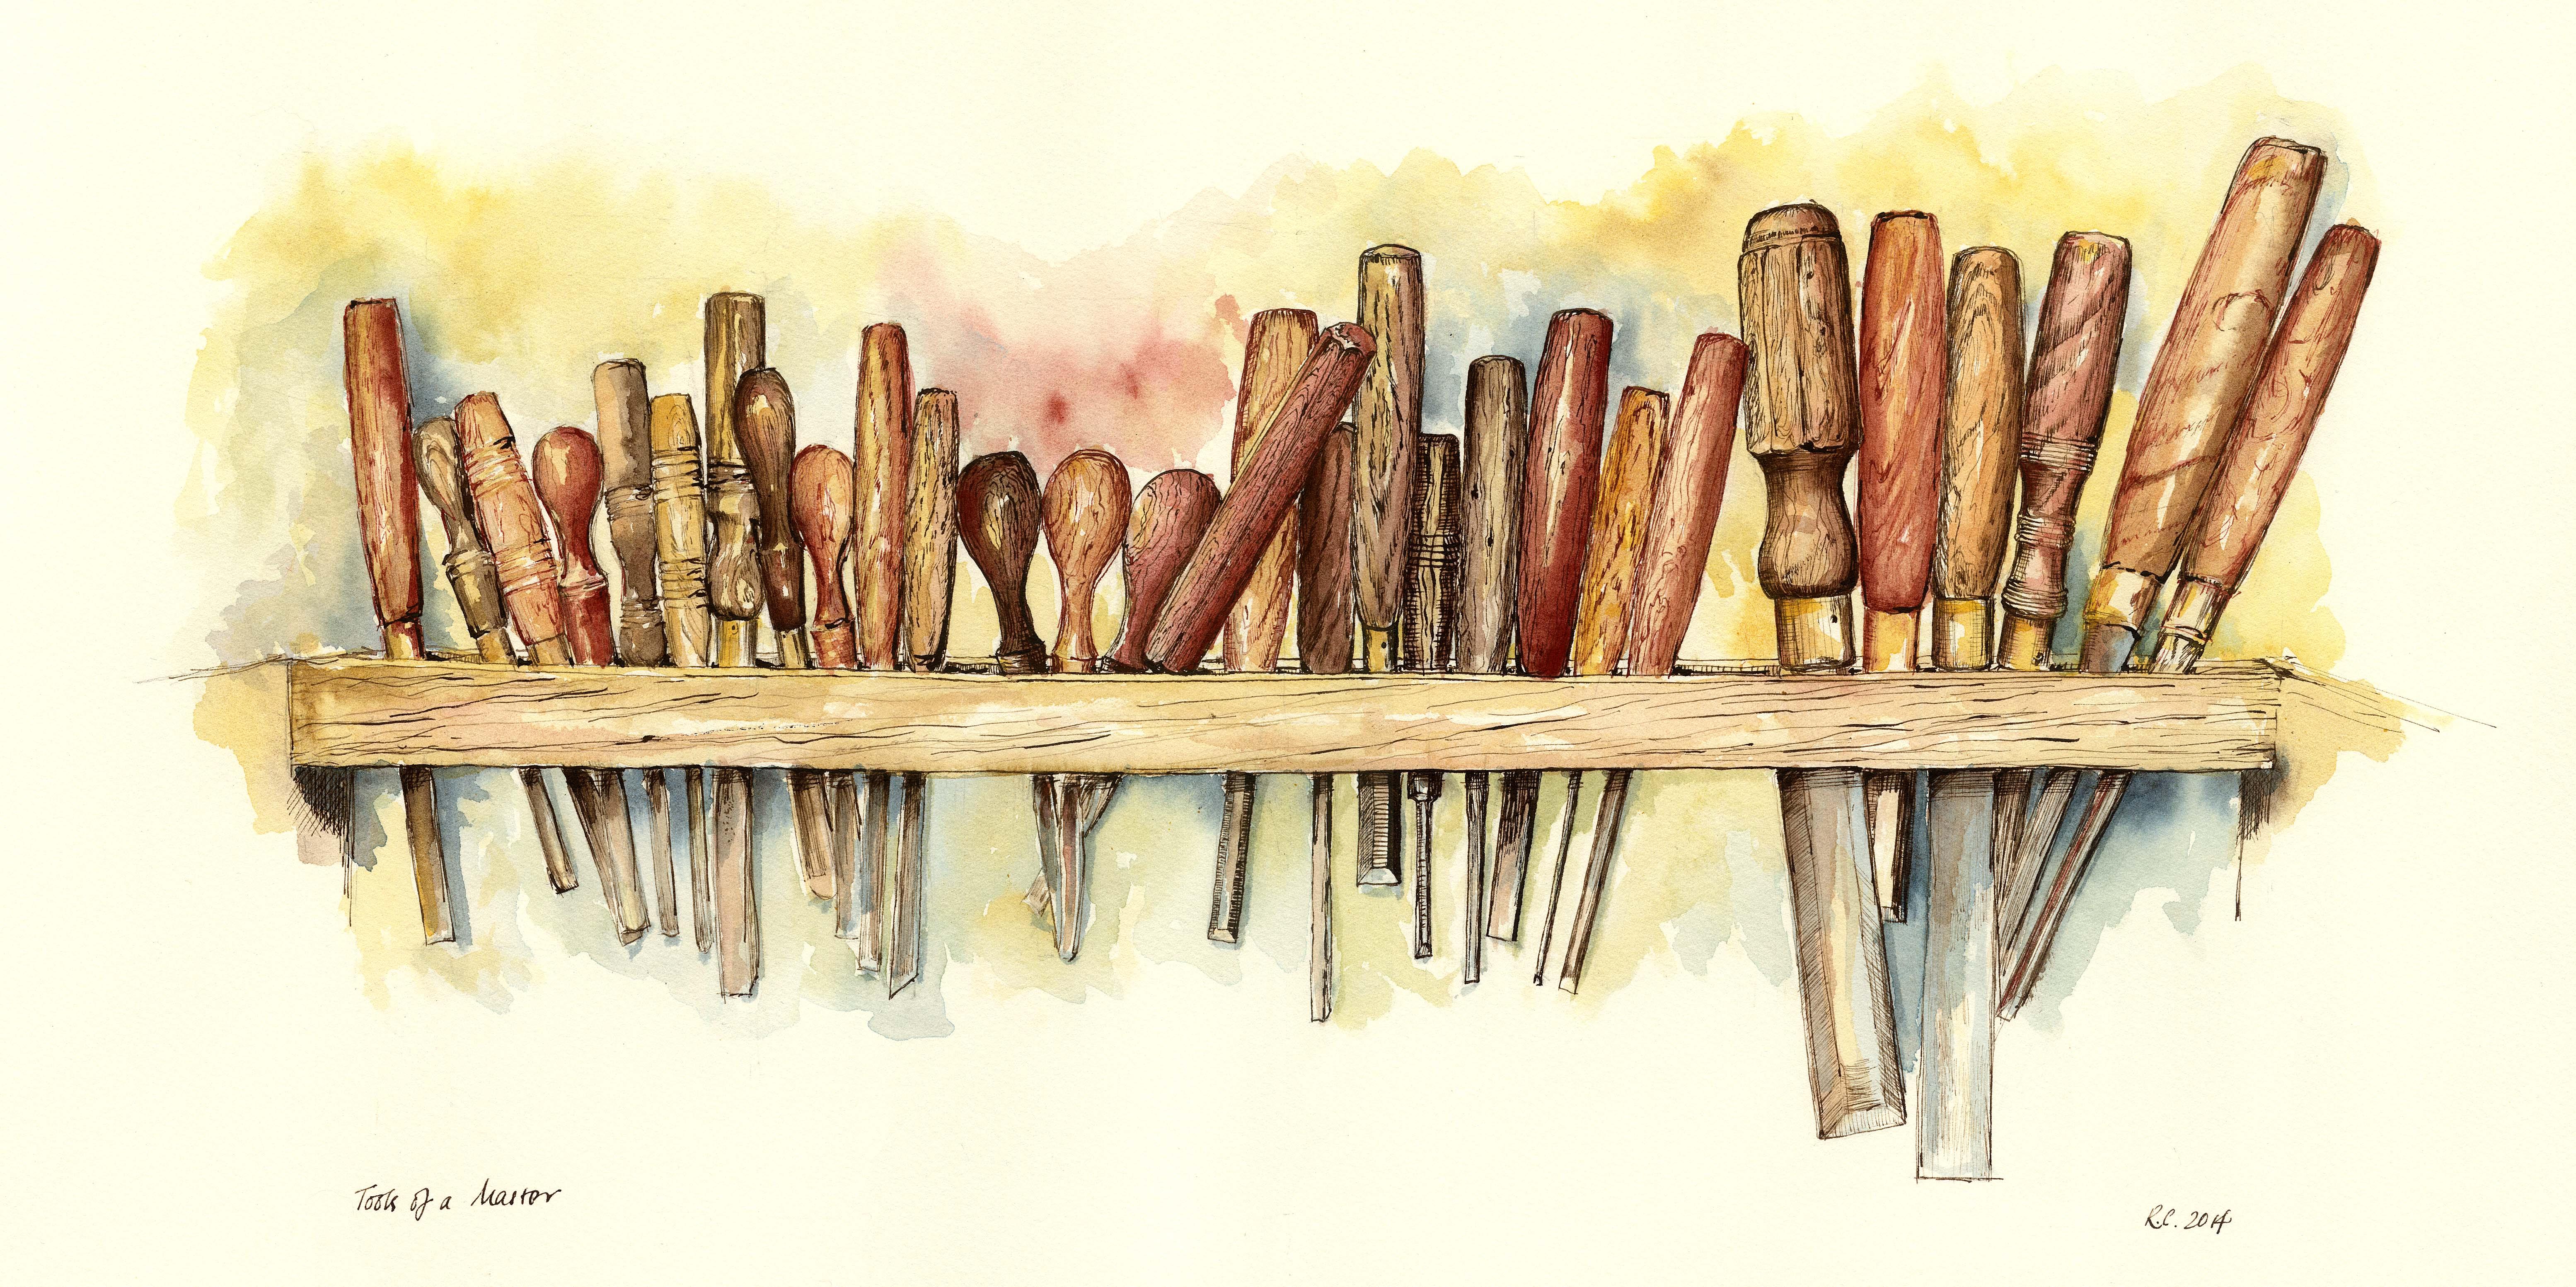 Pomoćni slikarski materijal, valjci i alat